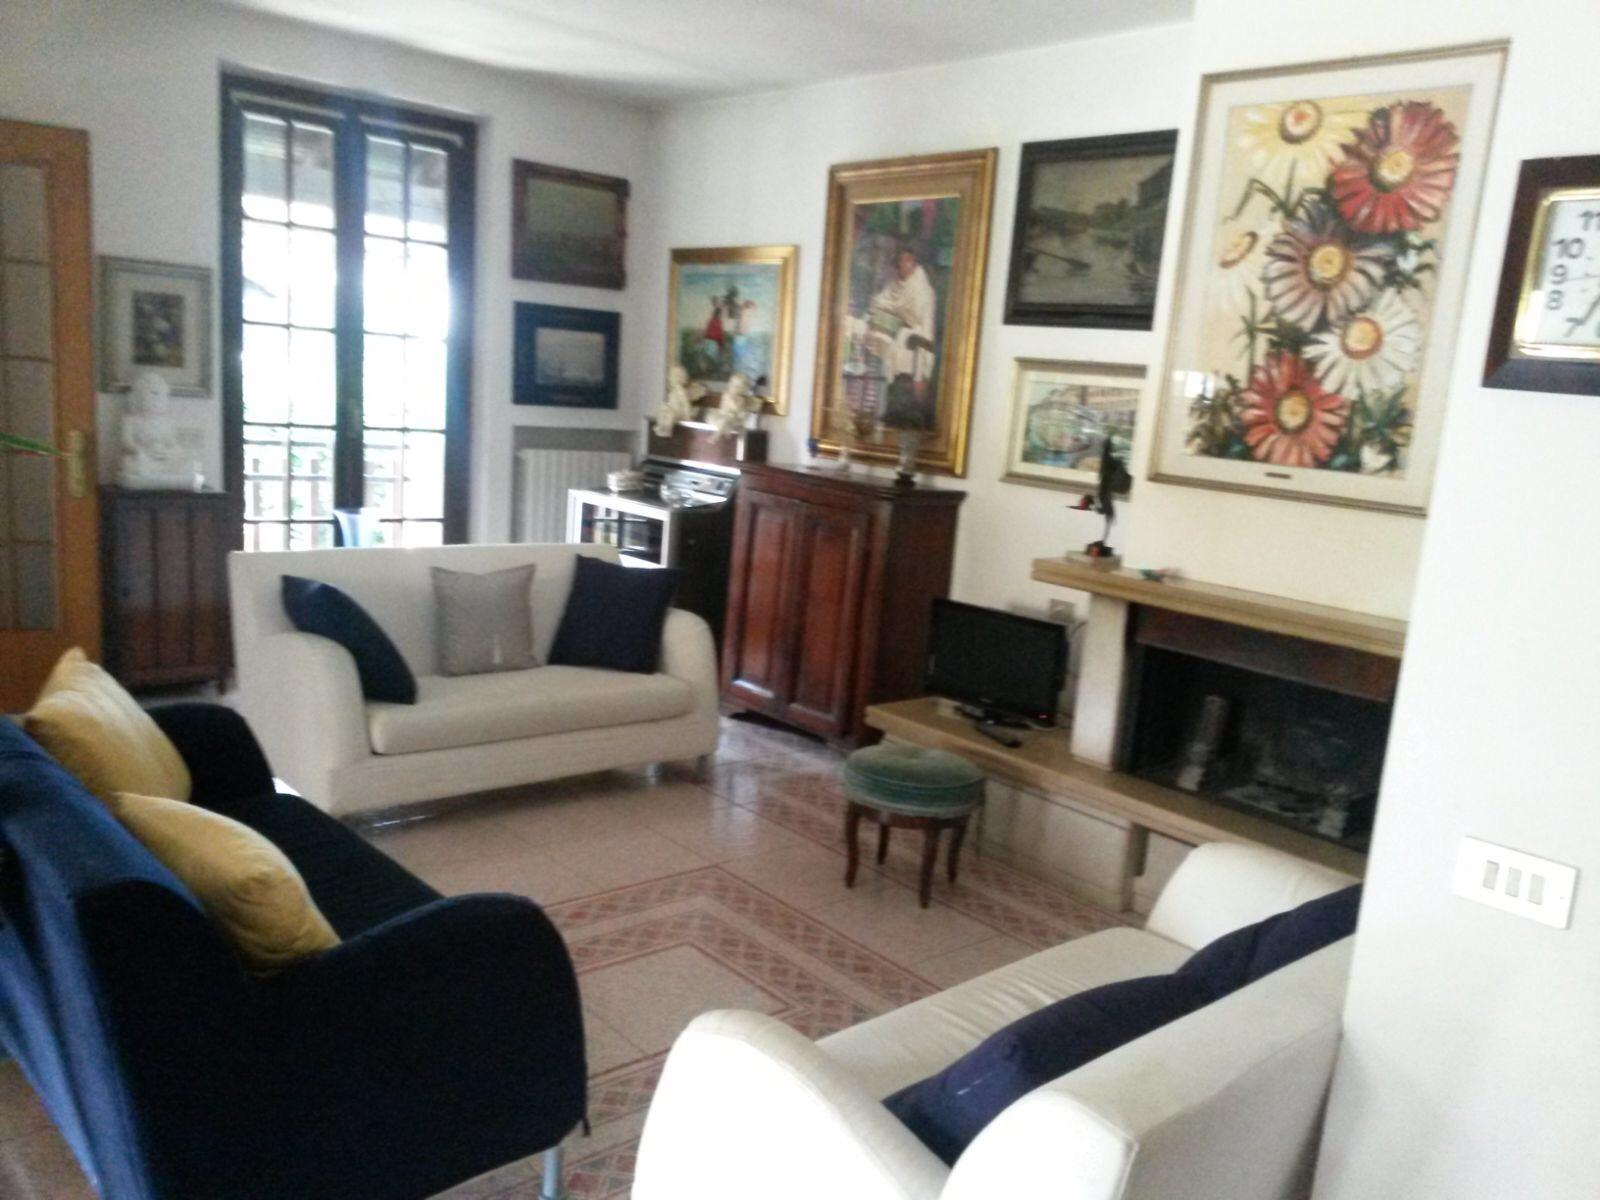 Soluzione Semindipendente in vendita a Noviglio, 5 locali, zona Località: S.aCorinna-Conigo, prezzo € 260.000 | CambioCasa.it